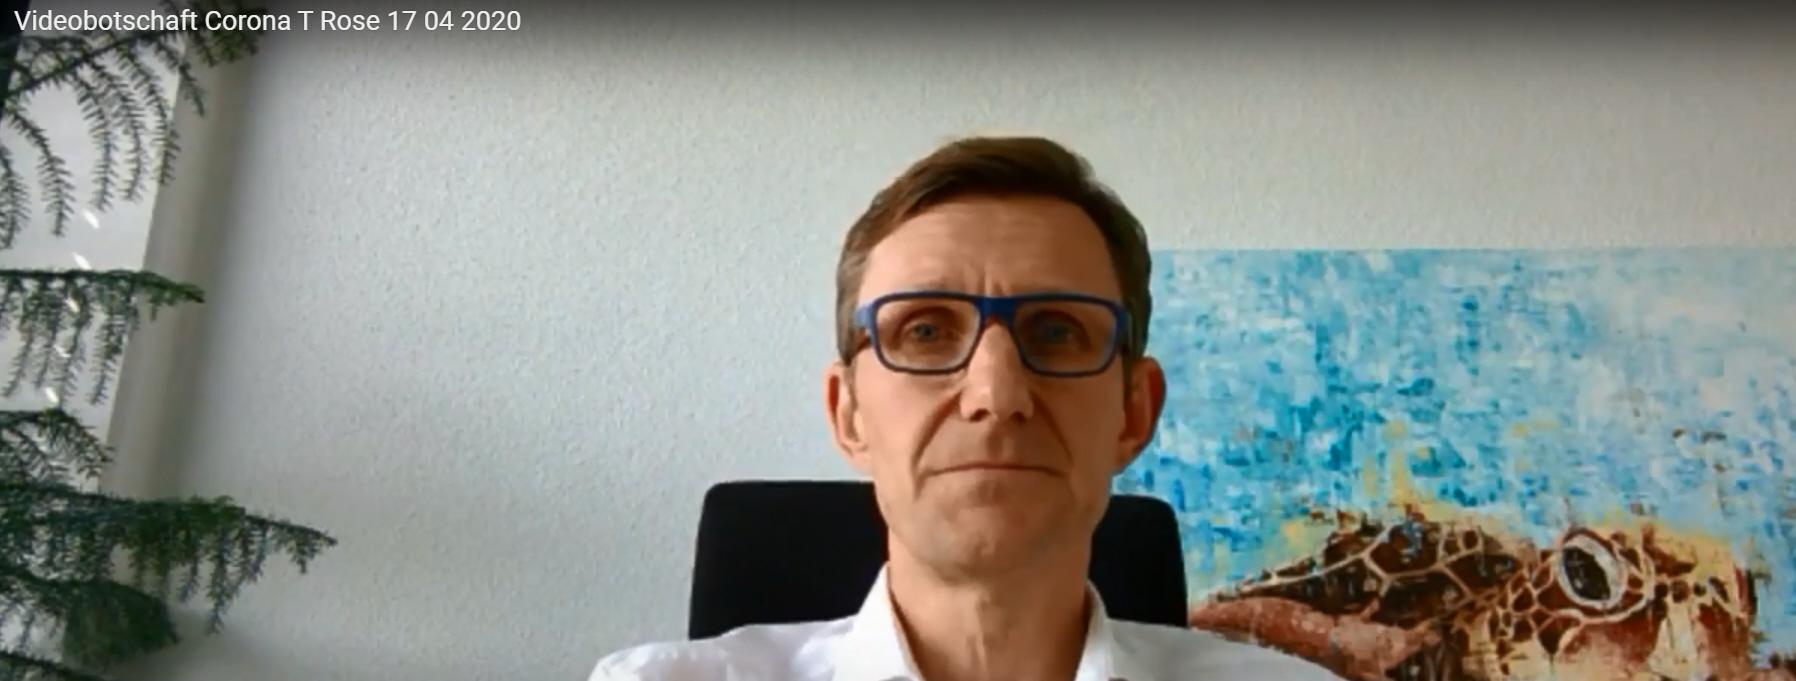 Videobotschaft Thomas Rose 17.04.2020